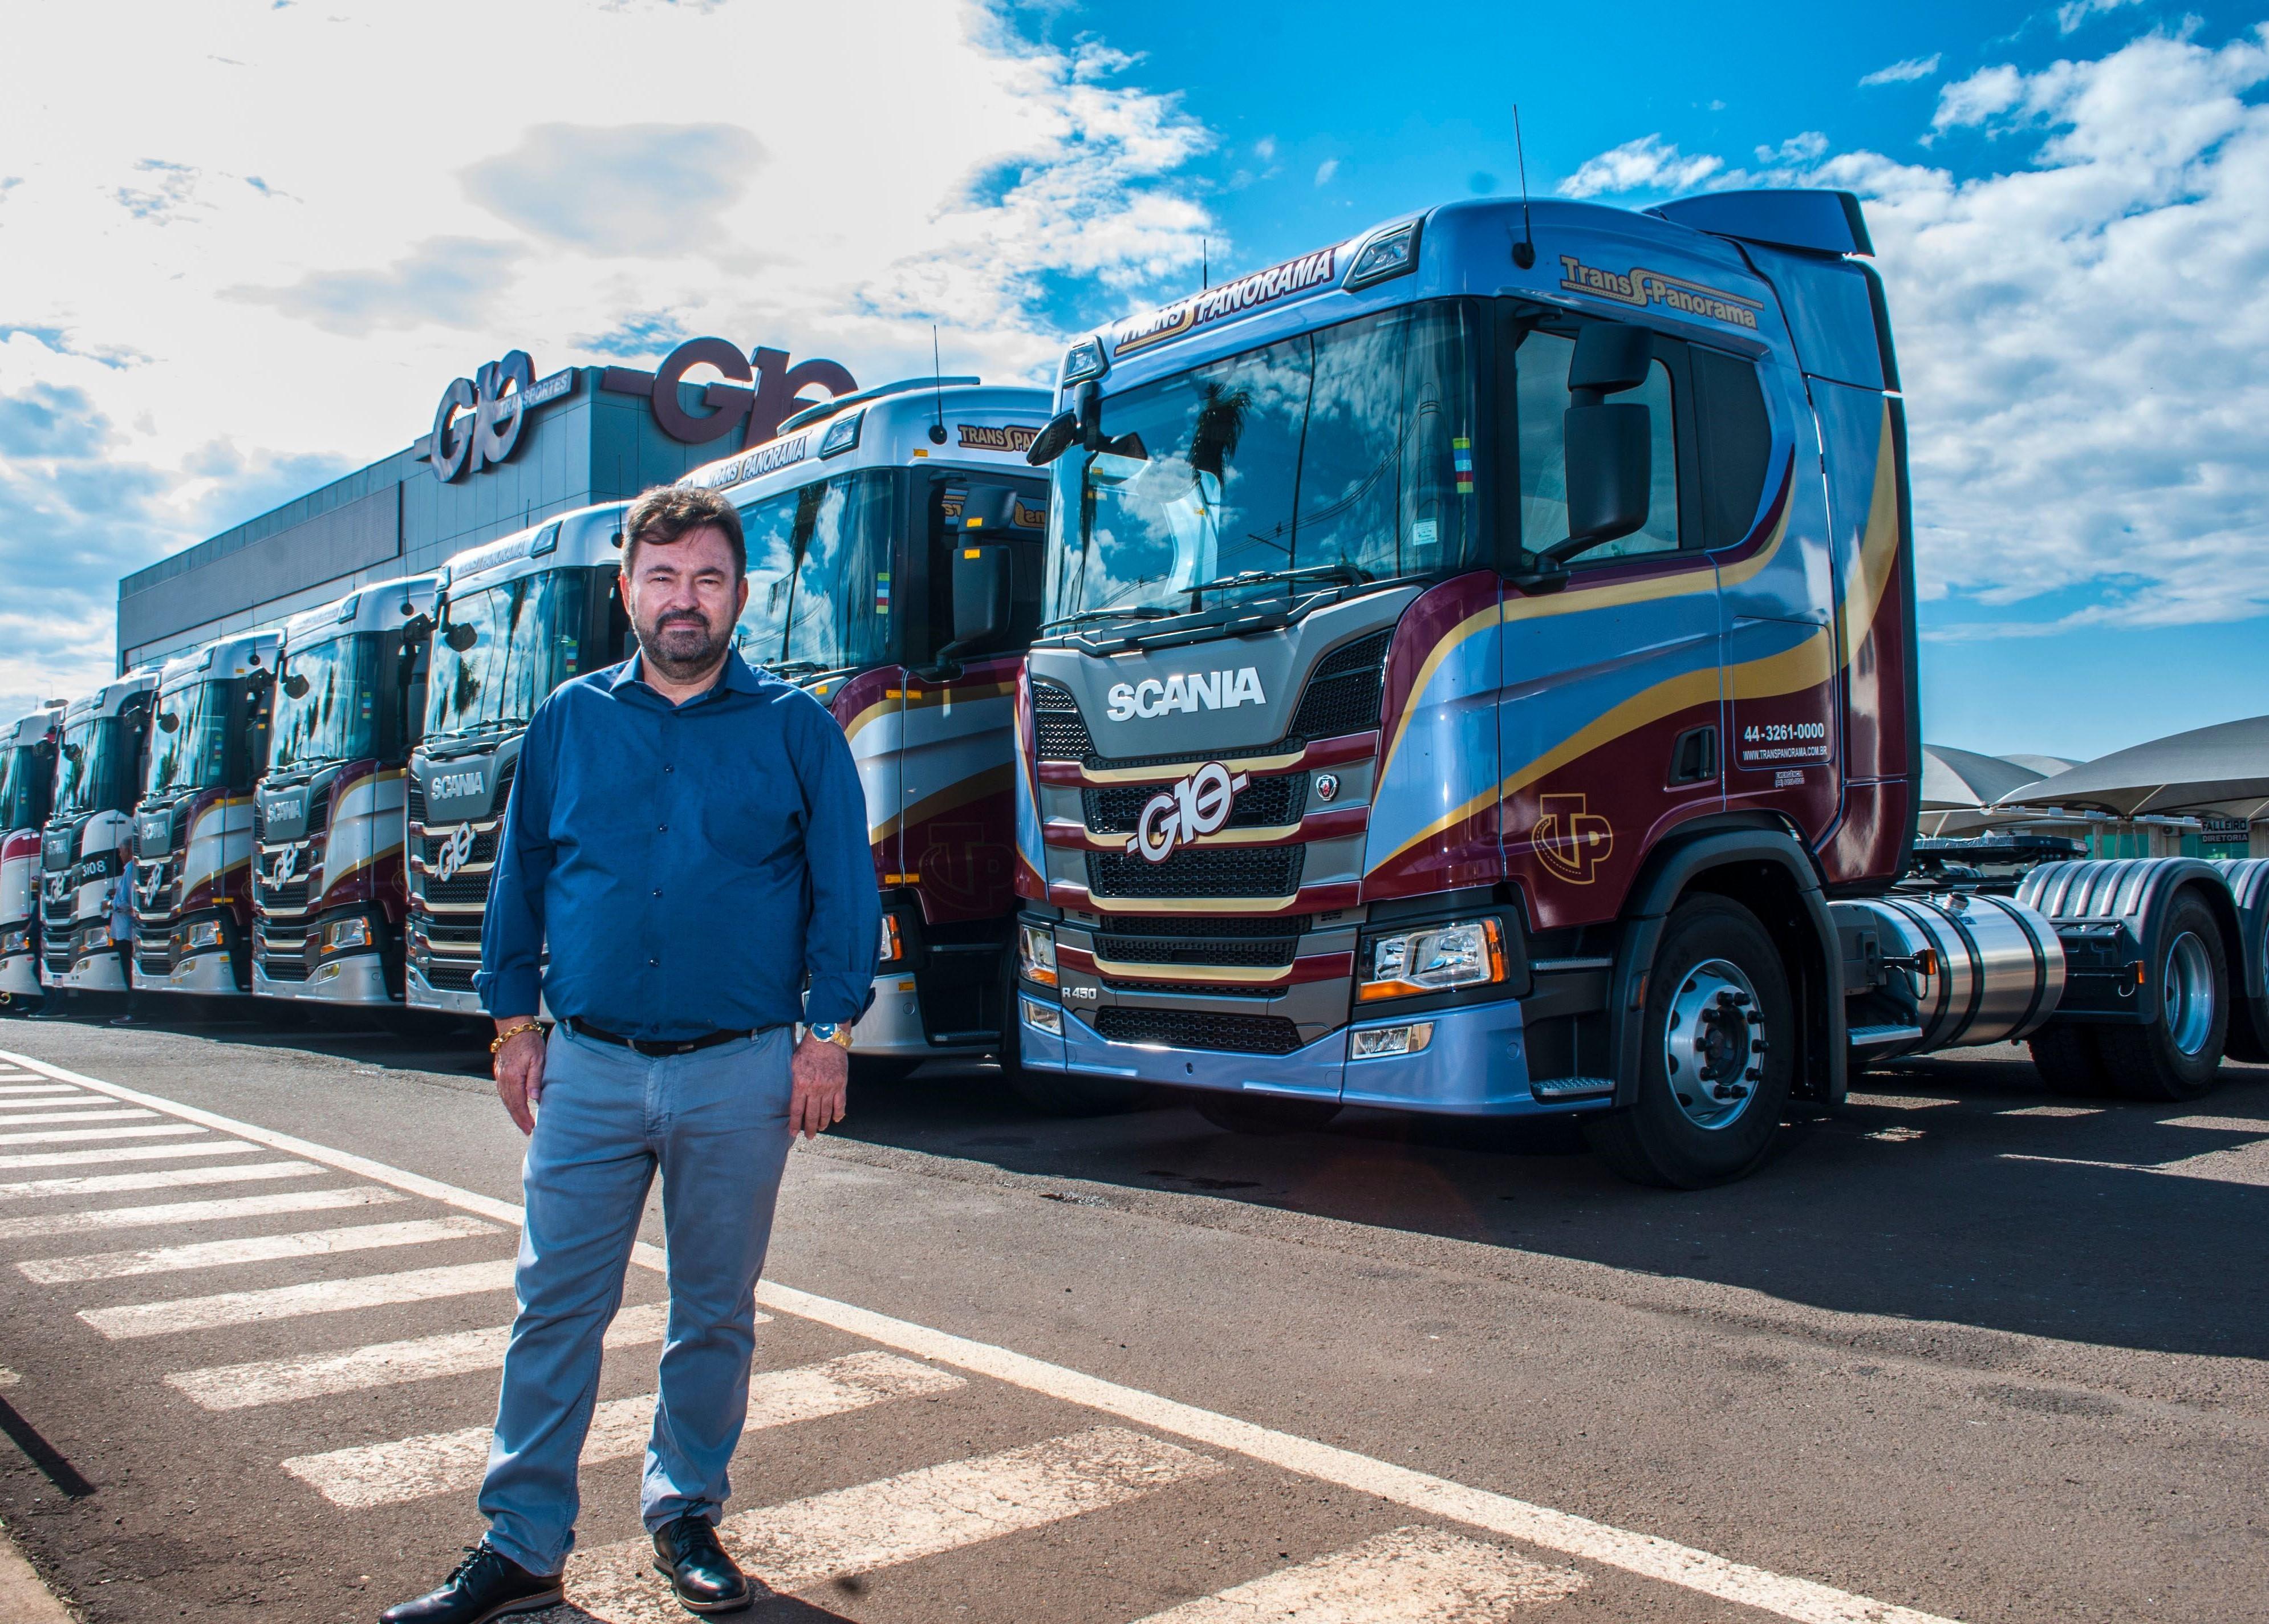 transportadora-caminhão-G10-presidente-claudio-adamuccio (Foto: Tiago Barella/Scania)